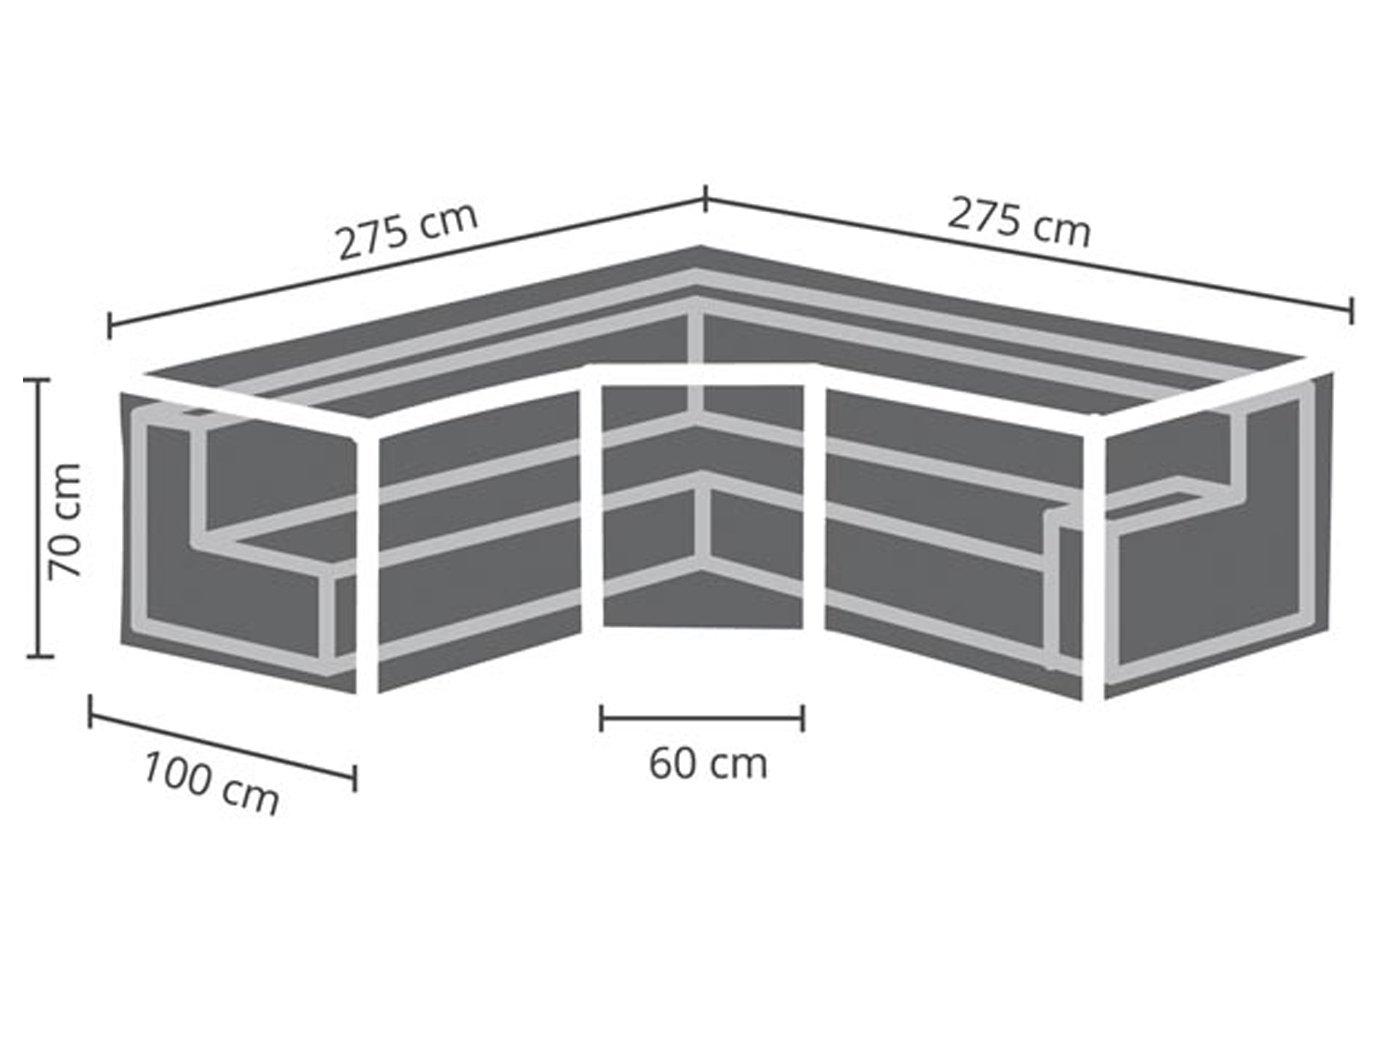 Perel Garden OCLSTRAP Schutzhülle Für Lounge-Set-Trapez, Schwarz, 275 275 275 x 275 x 70 cm 307b89